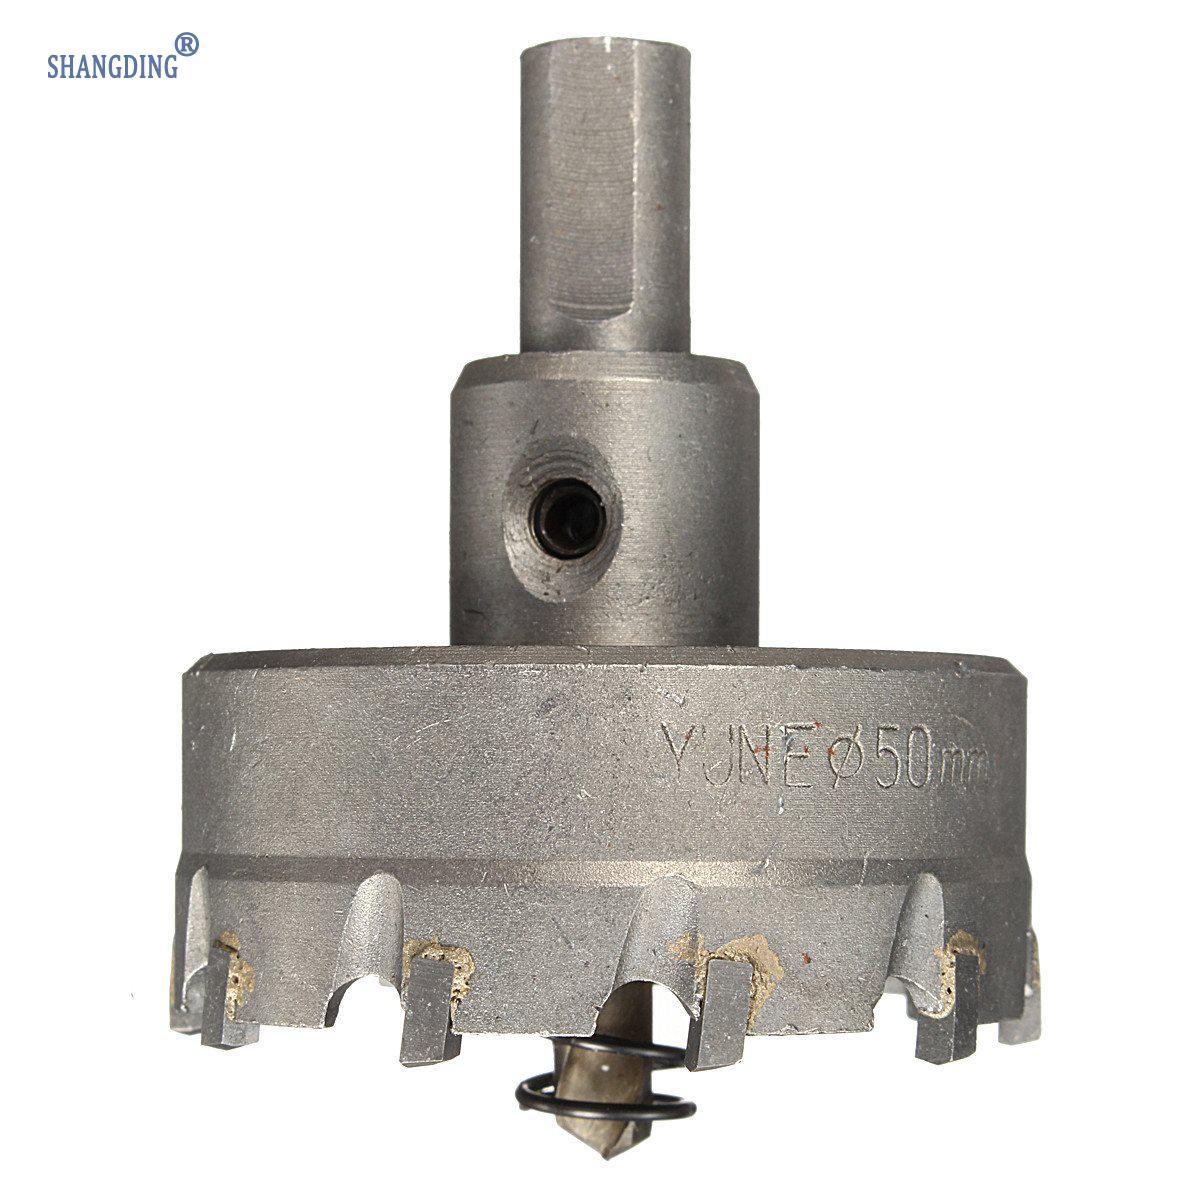 1 Set 48mm Carbide Tip TCT Boor Metalen Gatenzaag met Spanner - Boor - Foto 2